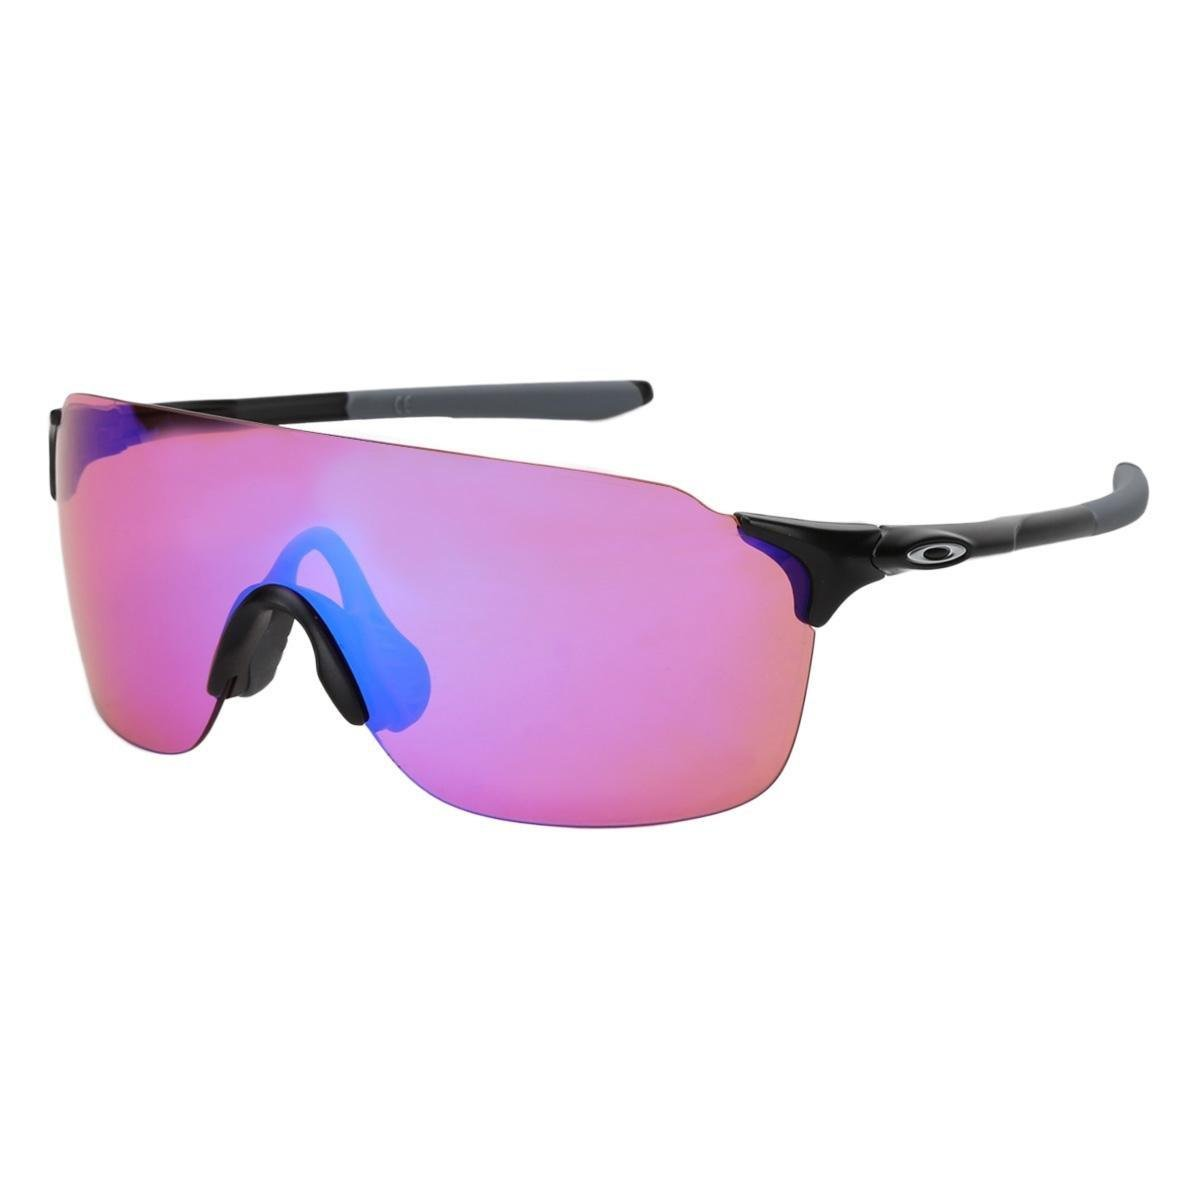 521d684a3 Óculos Oakley Evzero Stride Prizm Trail | Livelo -Sua Vida com Mais ...